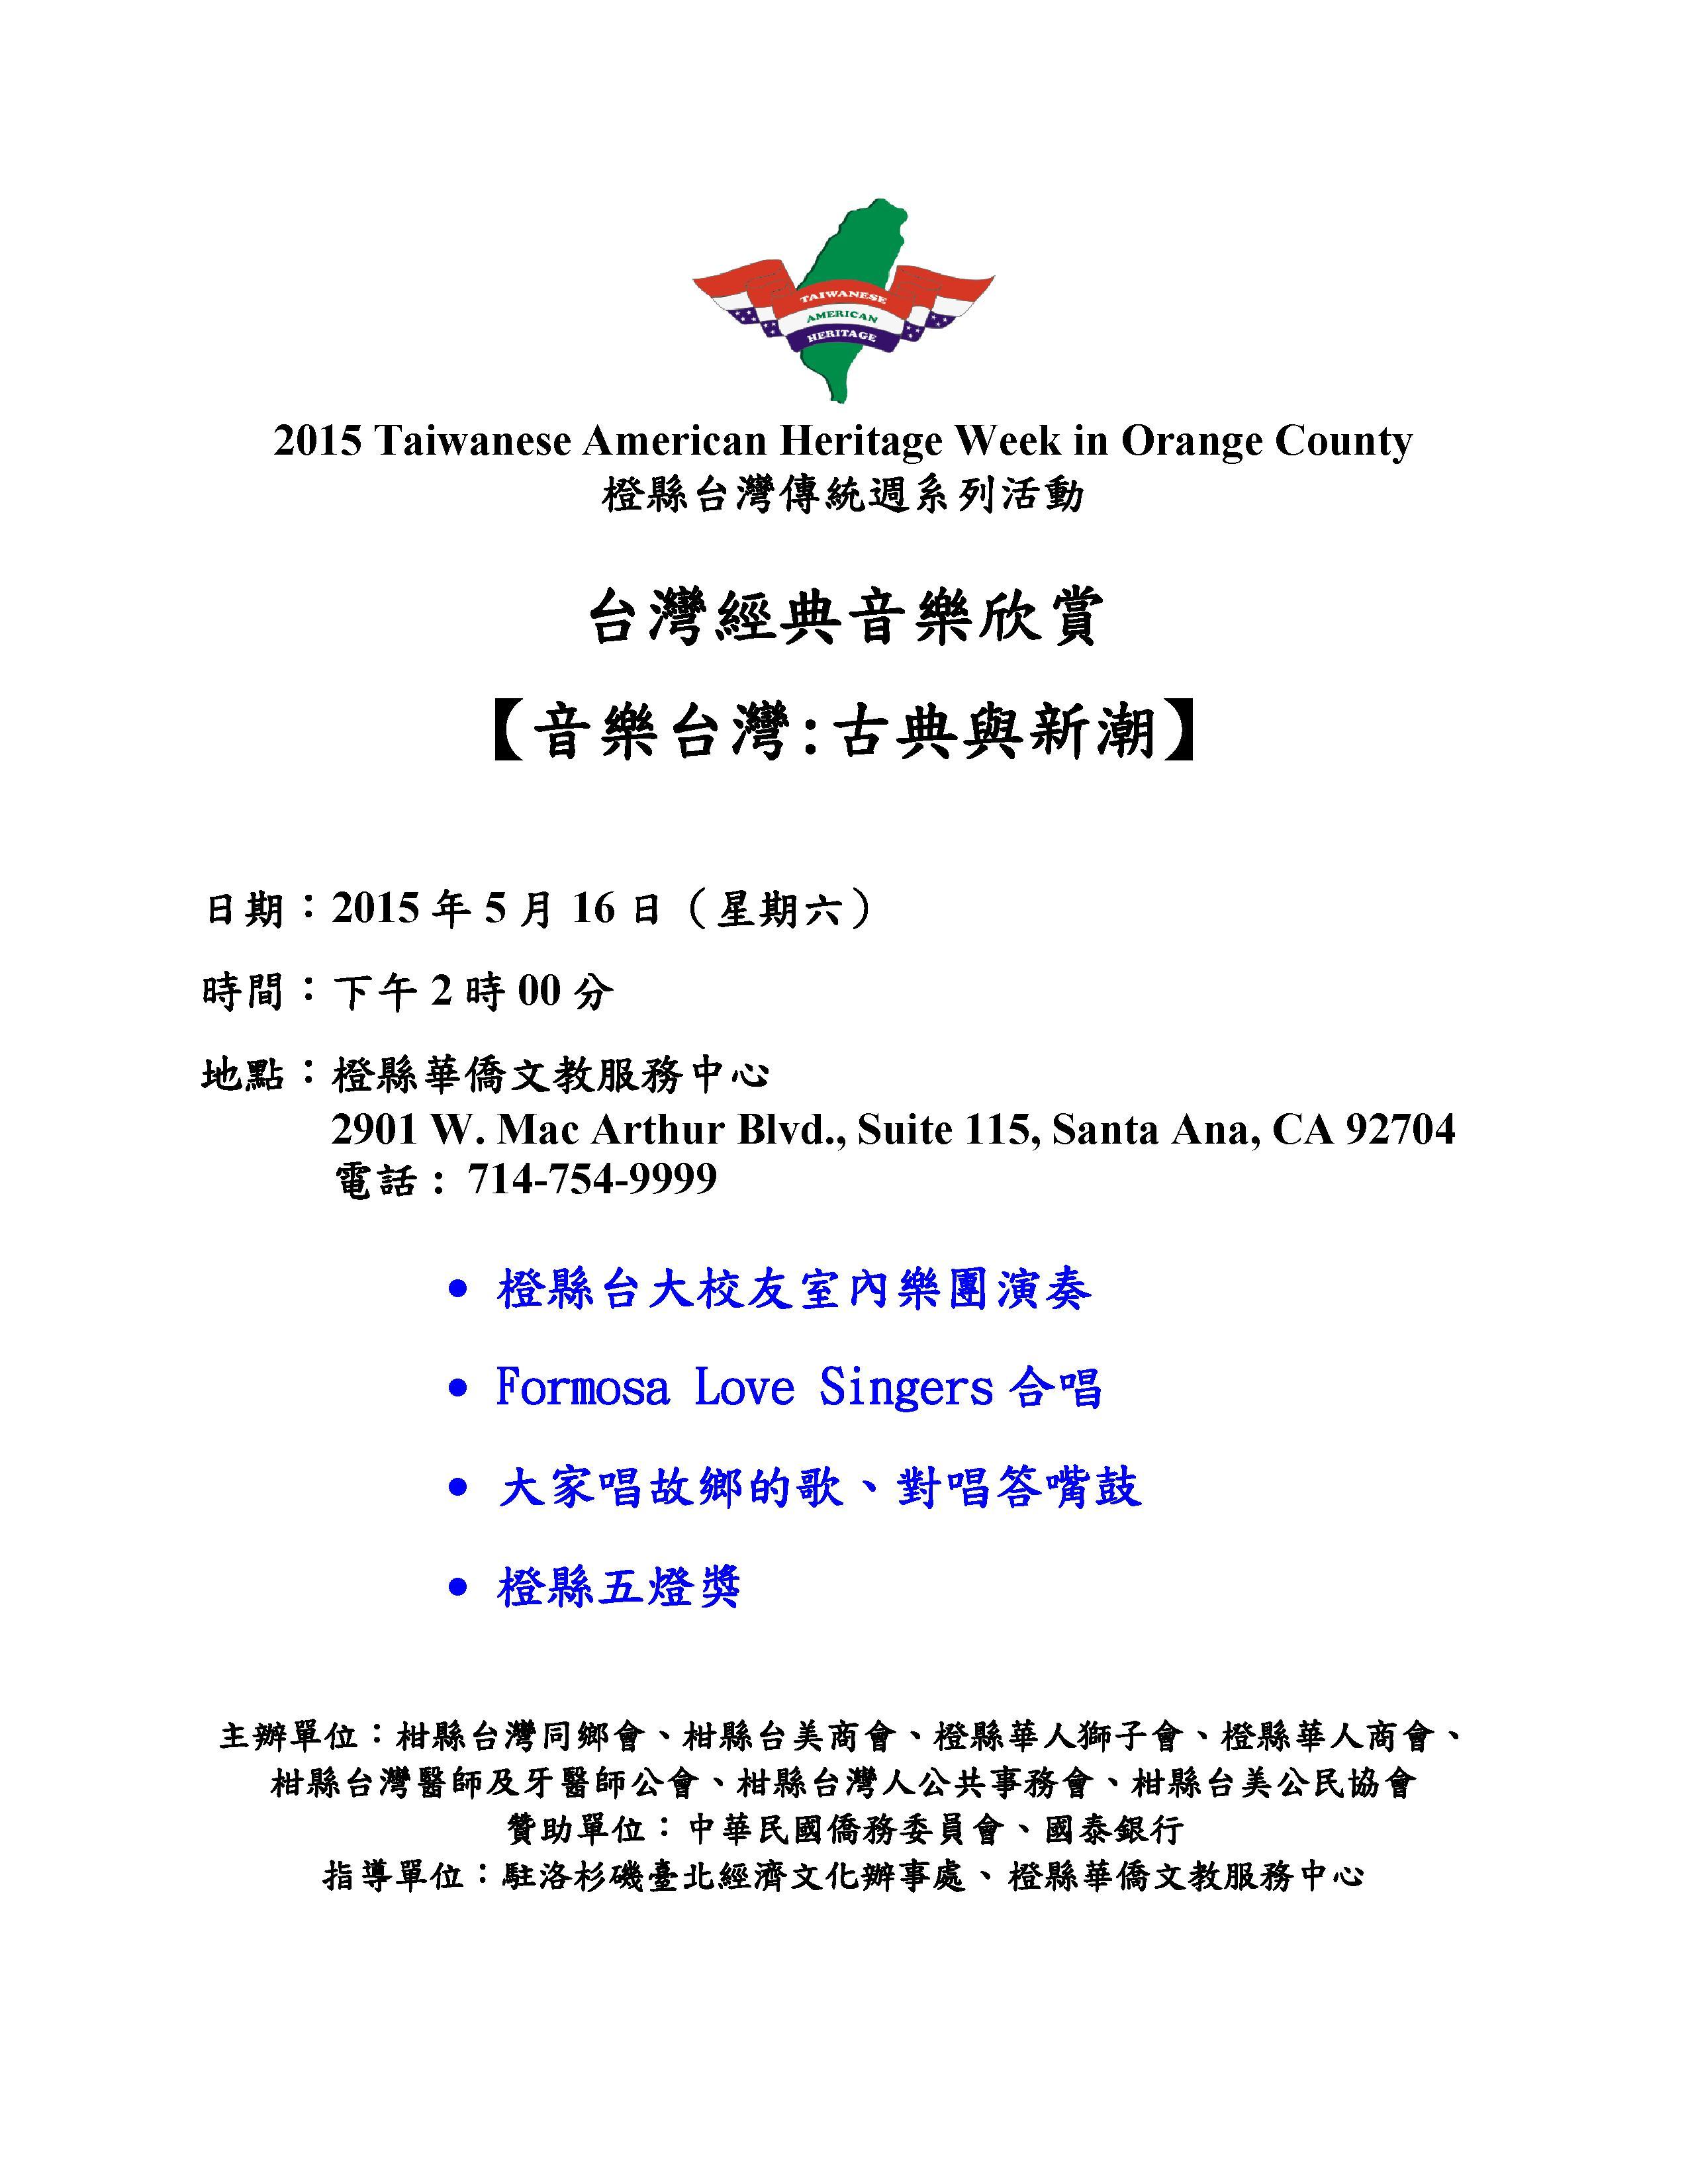 69. 台灣傳統周 Taiwanese American Heritage Week /2015/04